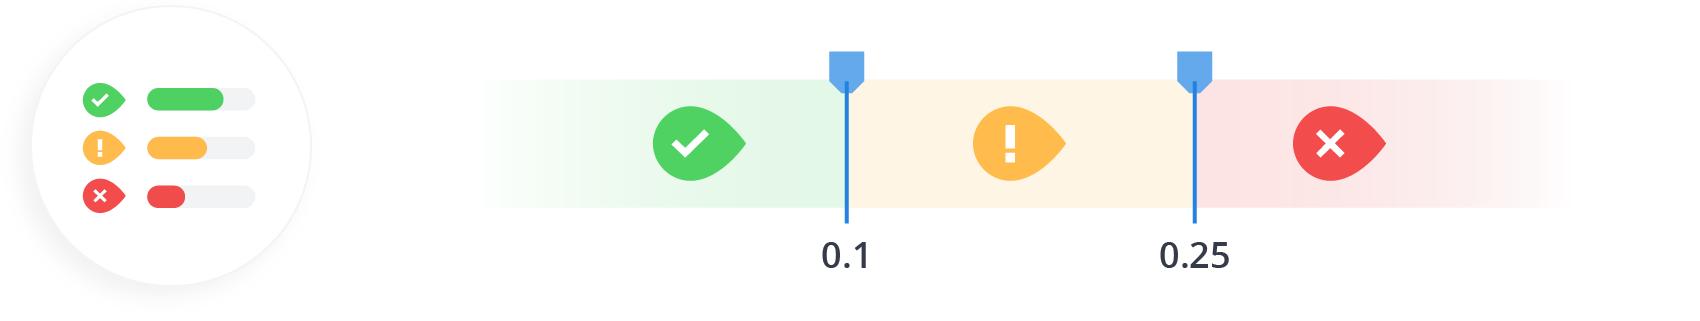 Ideal Cumulative Layout Shift Score